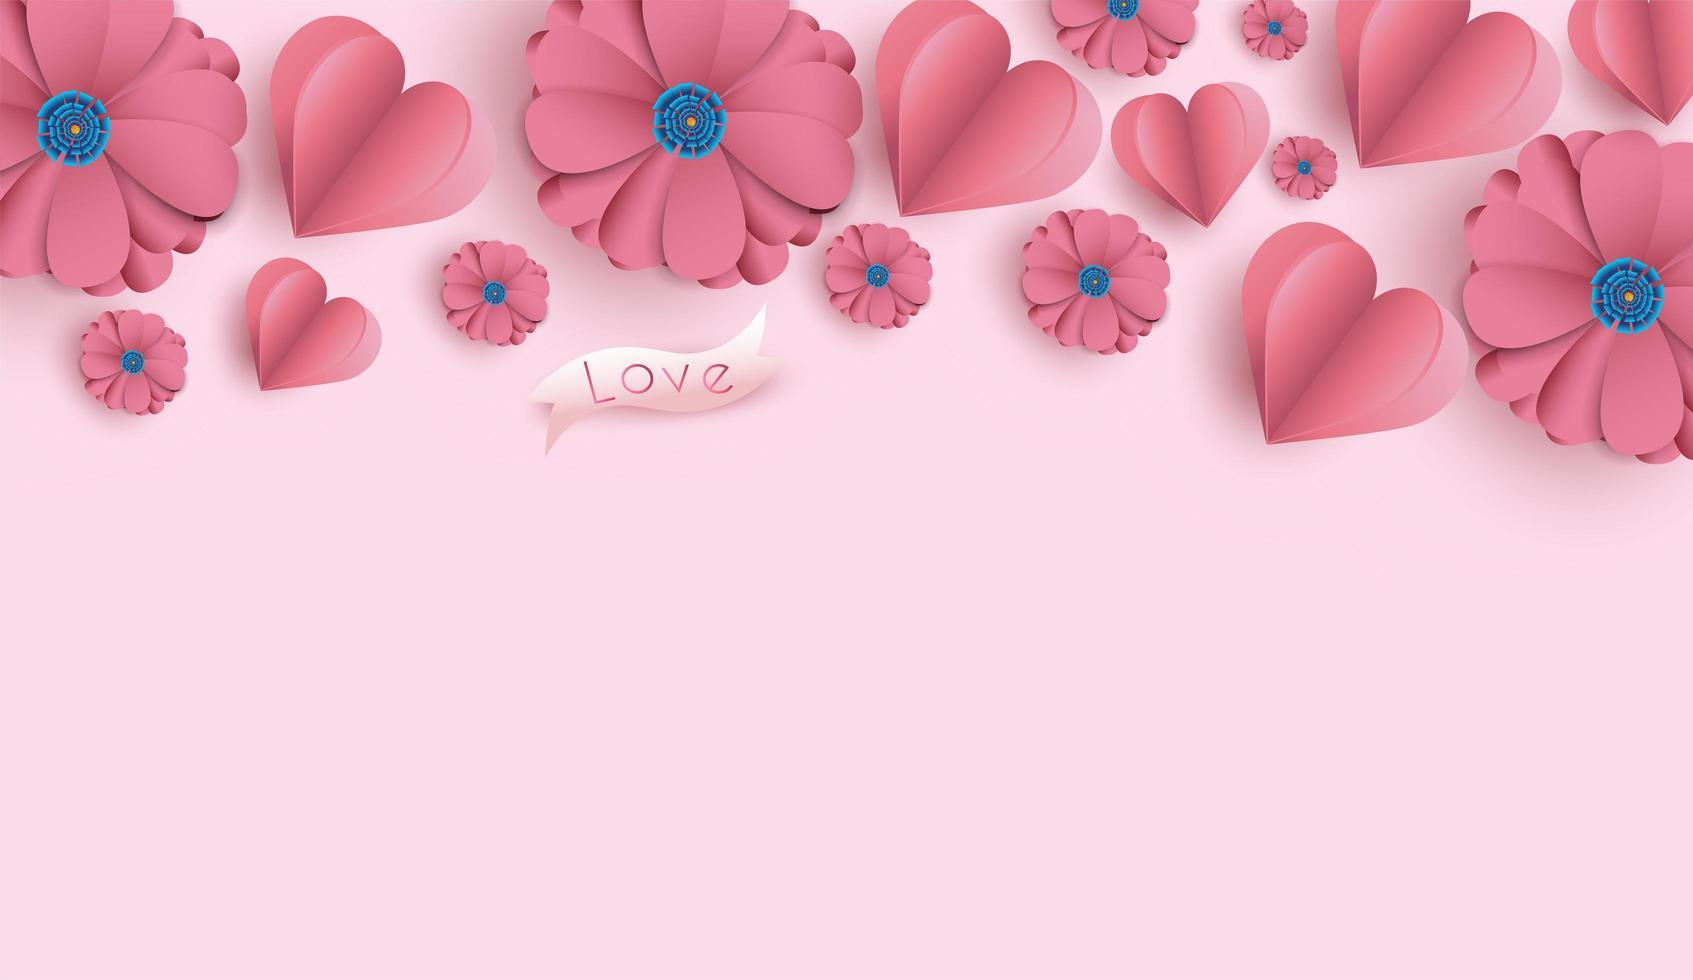 Alla hjärtans dagbakgrund med snittblommor och hjärtor för papper. vektor